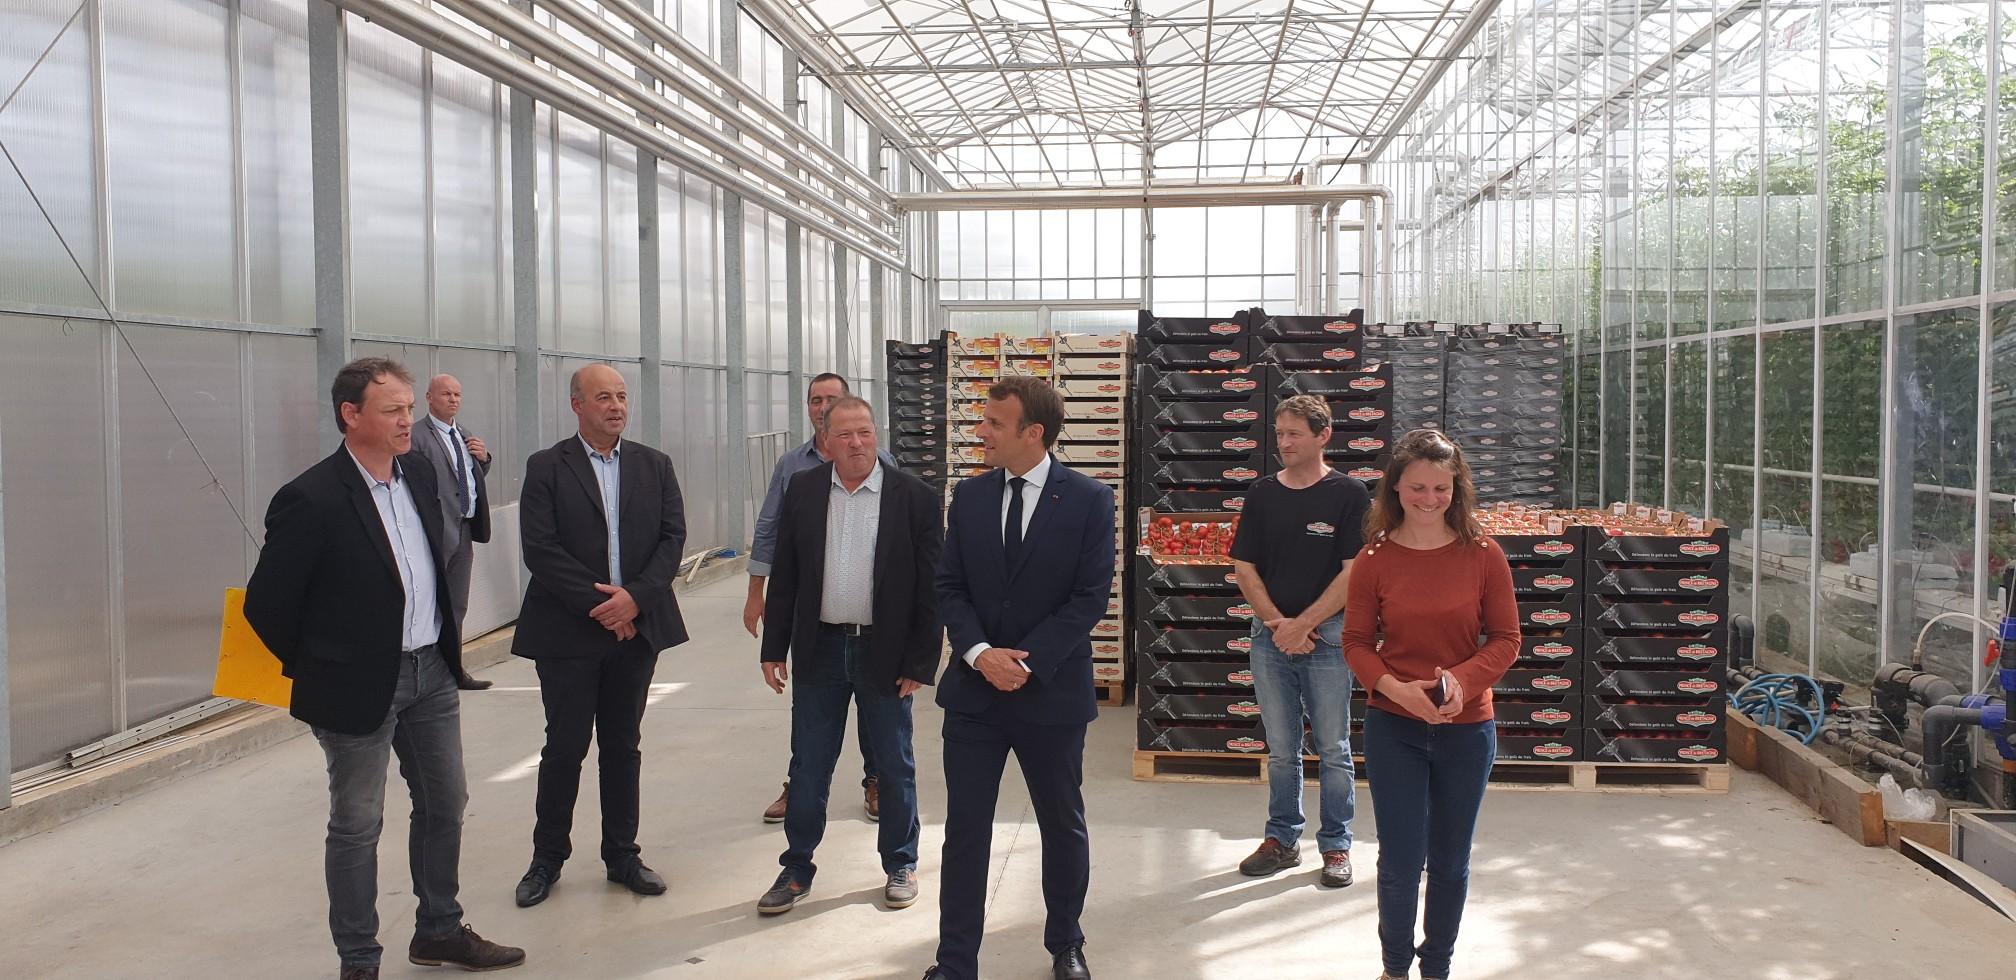 Emmanuel Macron au chevet des agriculteurs